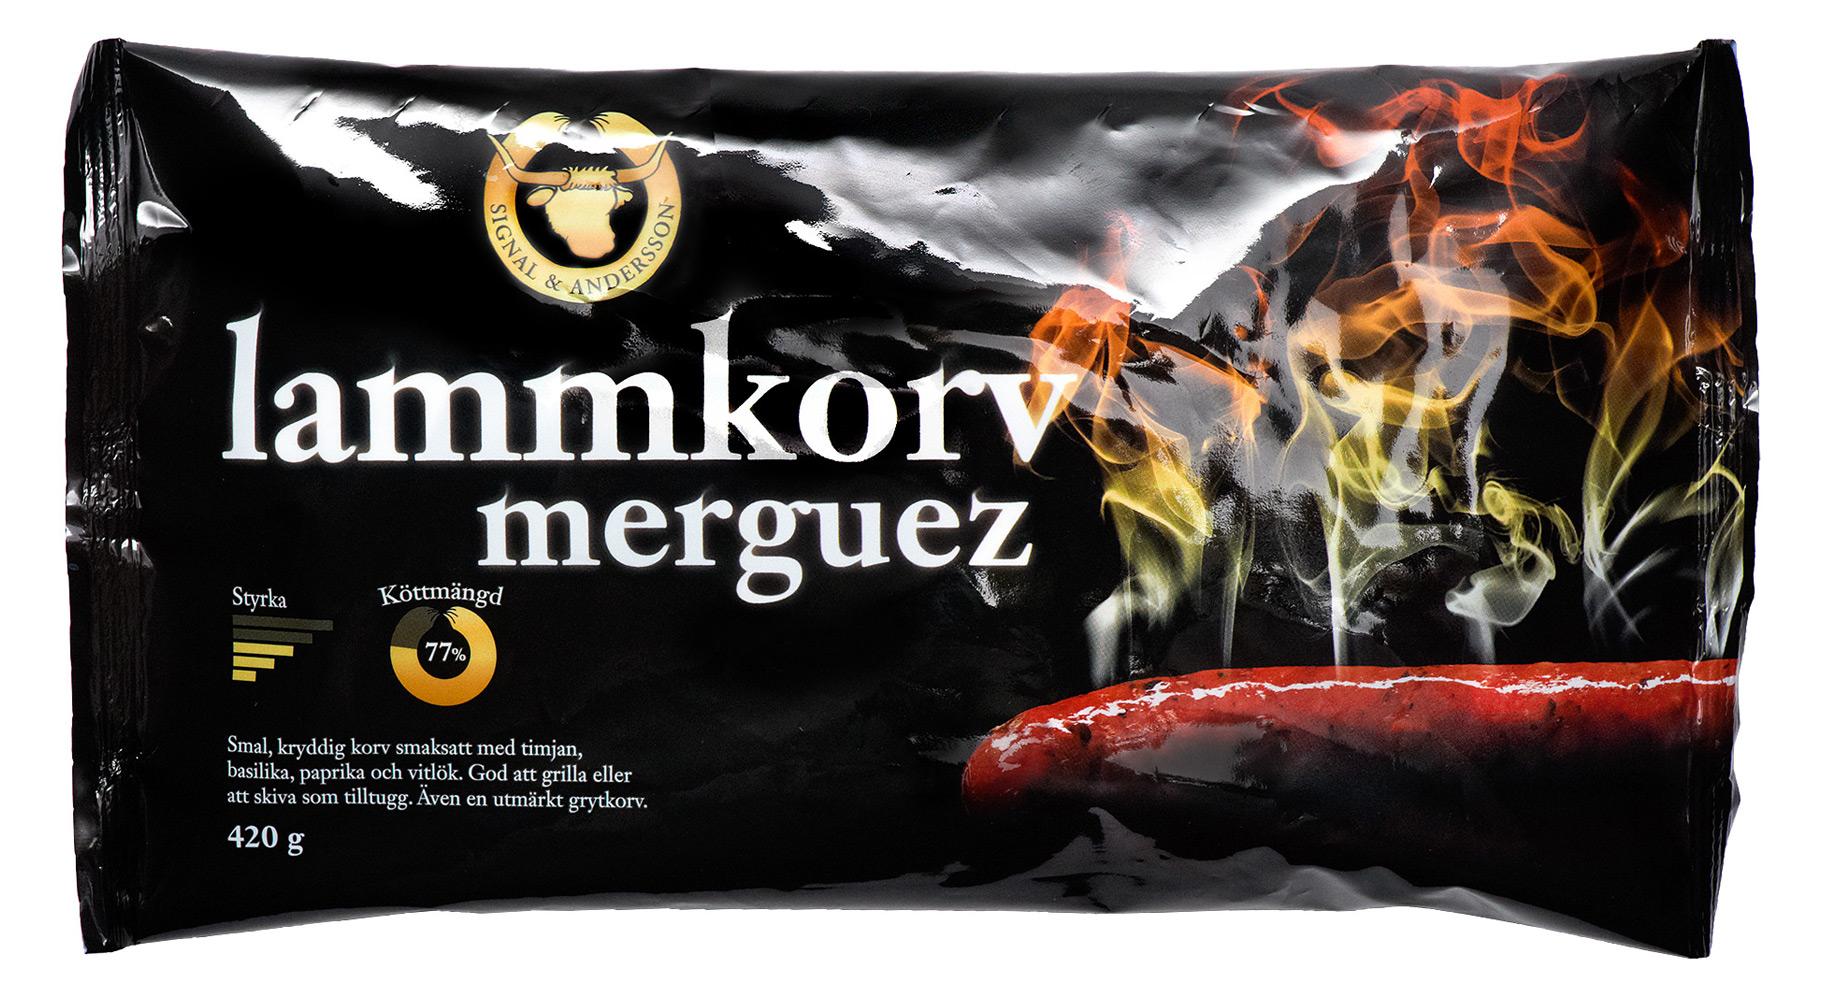 Förpackning lammkorv merguez - Design av Peter Berglund, Bullit Reklambyrå